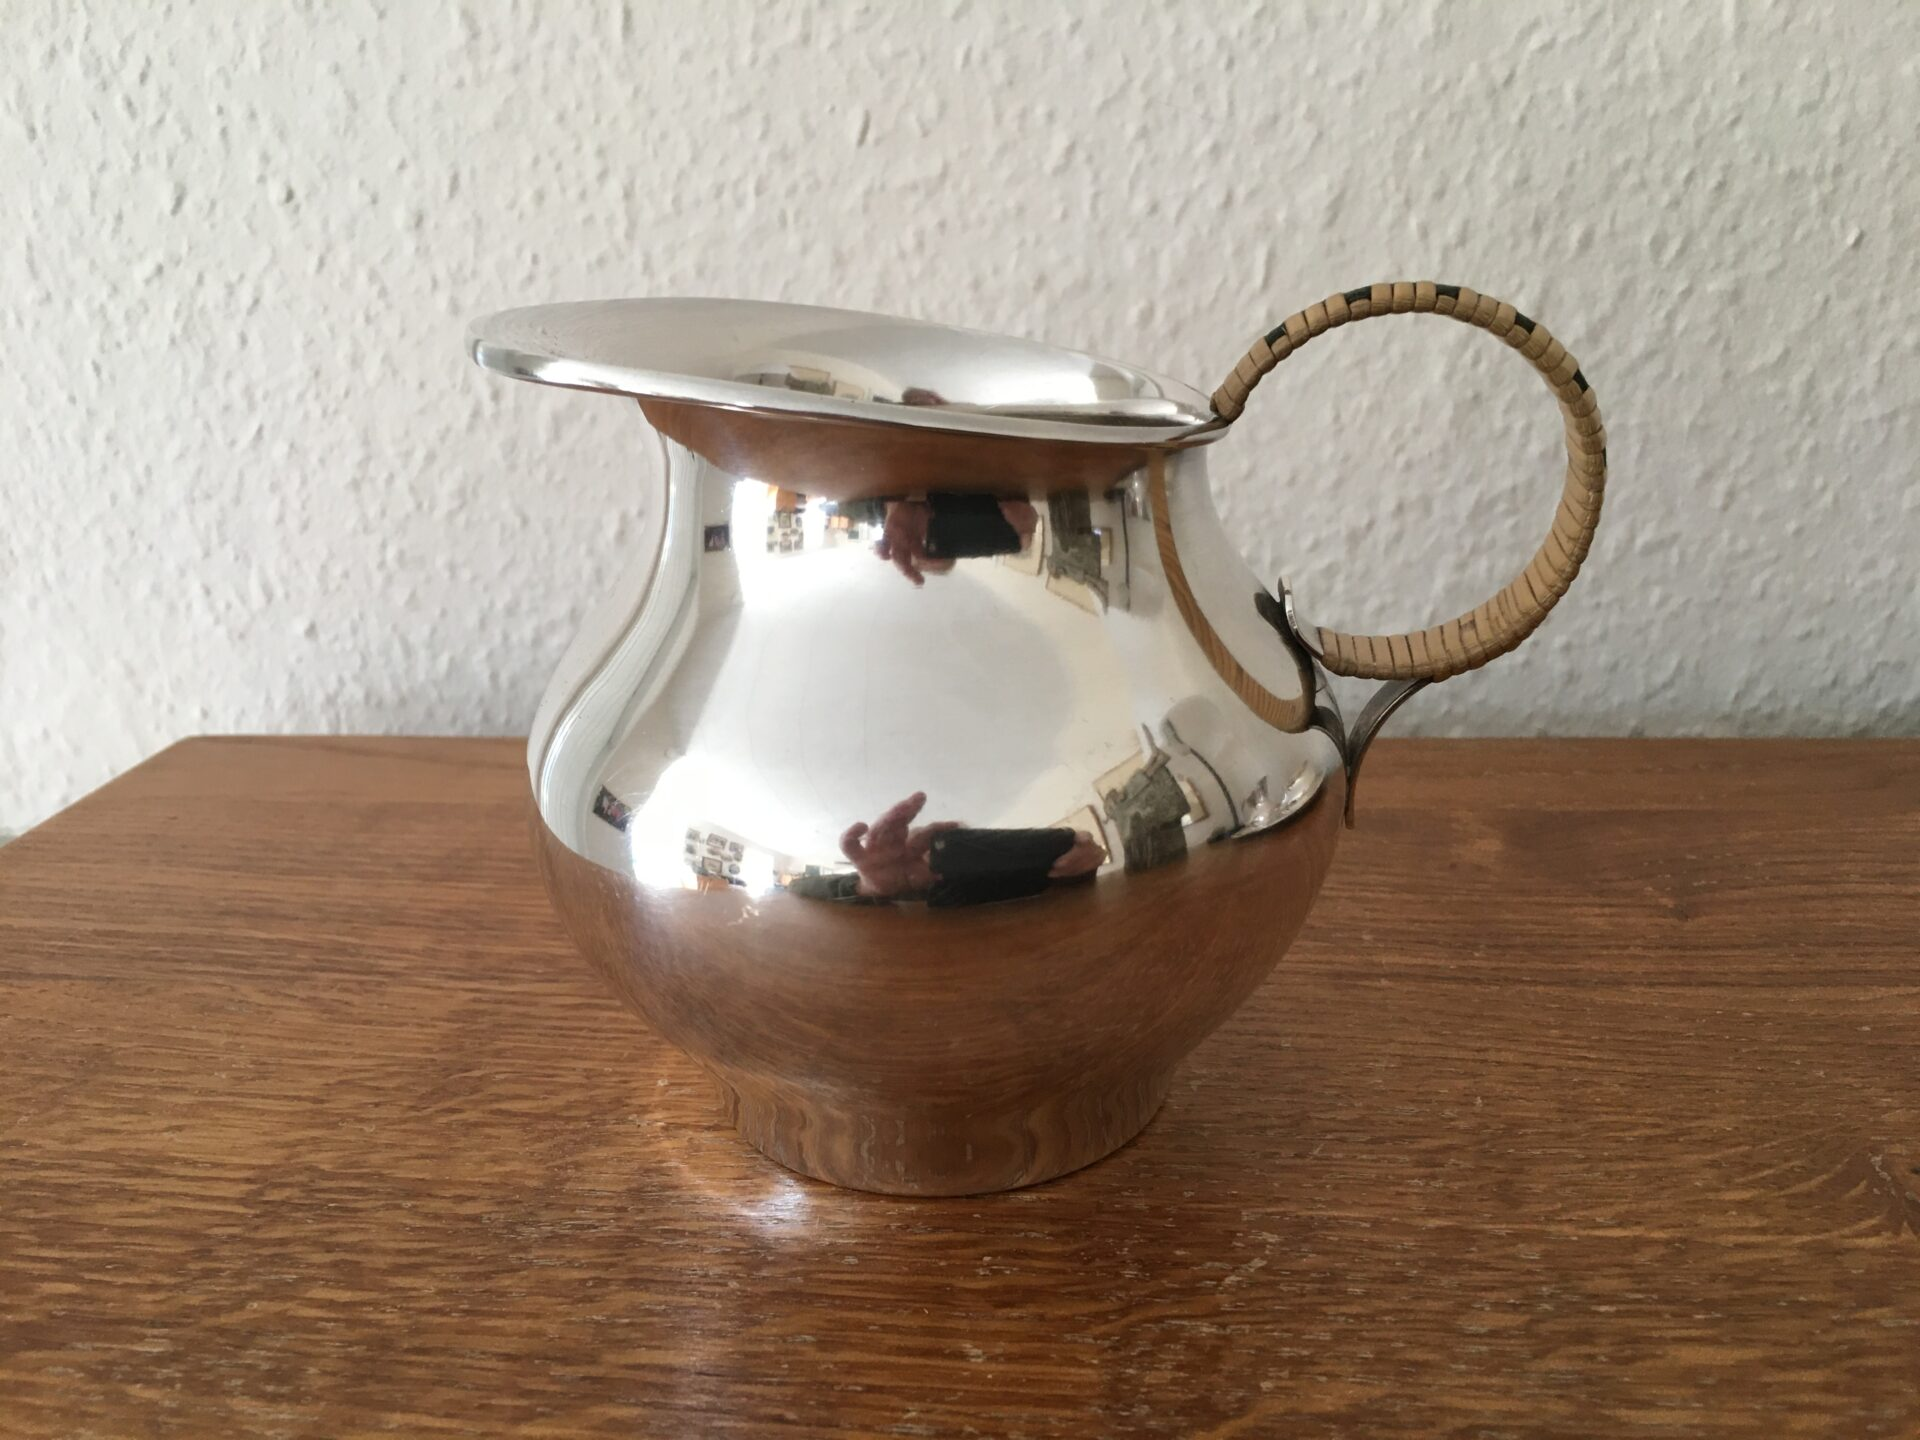 Retro mælke/flødekande, sølvplet meget velholdt, h=11cm, pris 200kr